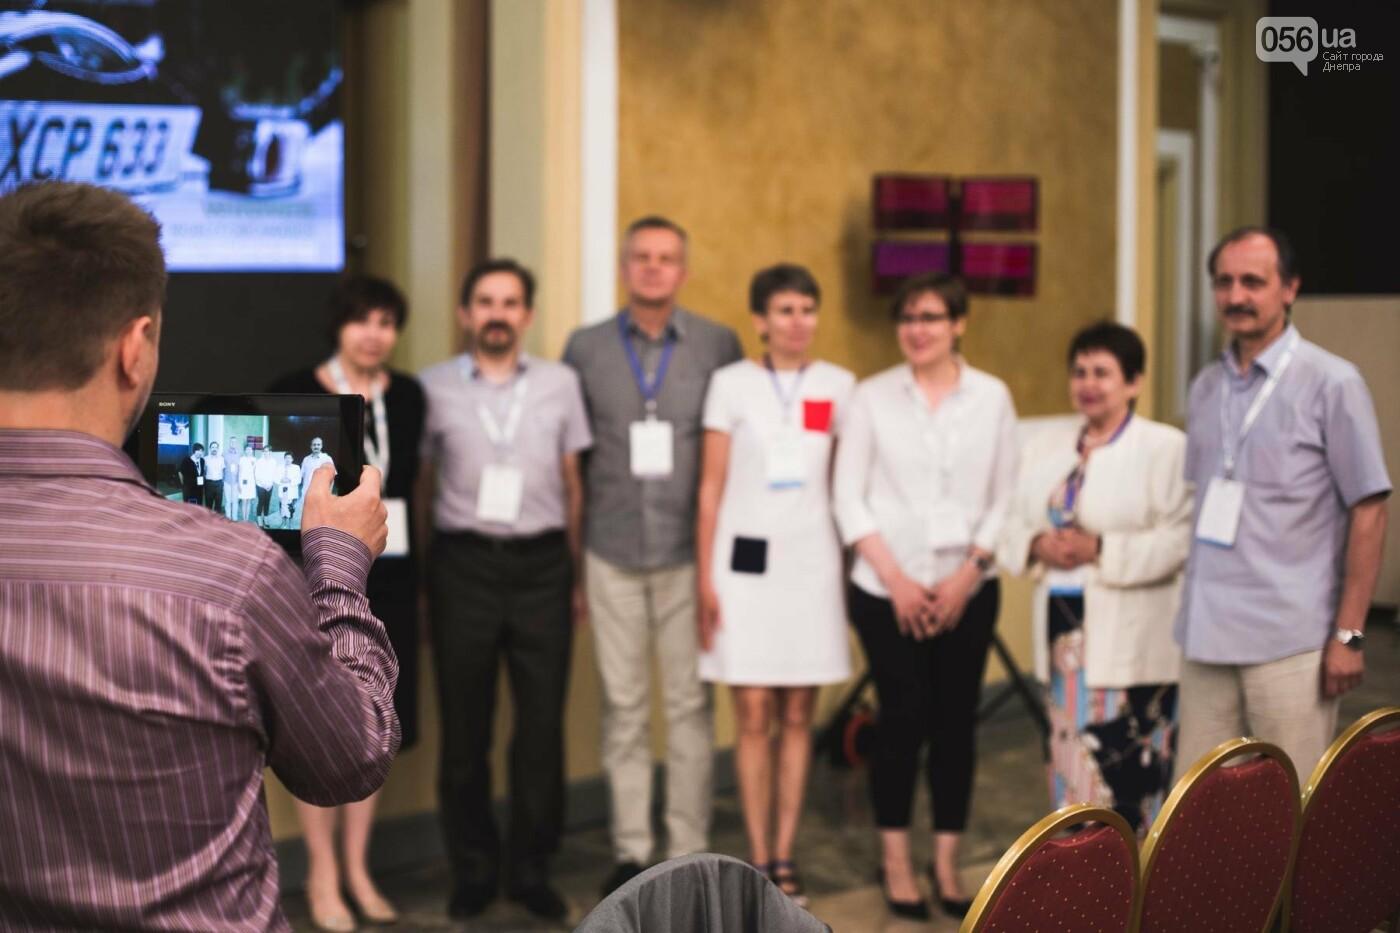 В Днепре прошла бизнес-конференция IT Dnipro Conference: подробности, - ФОТО, фото-17